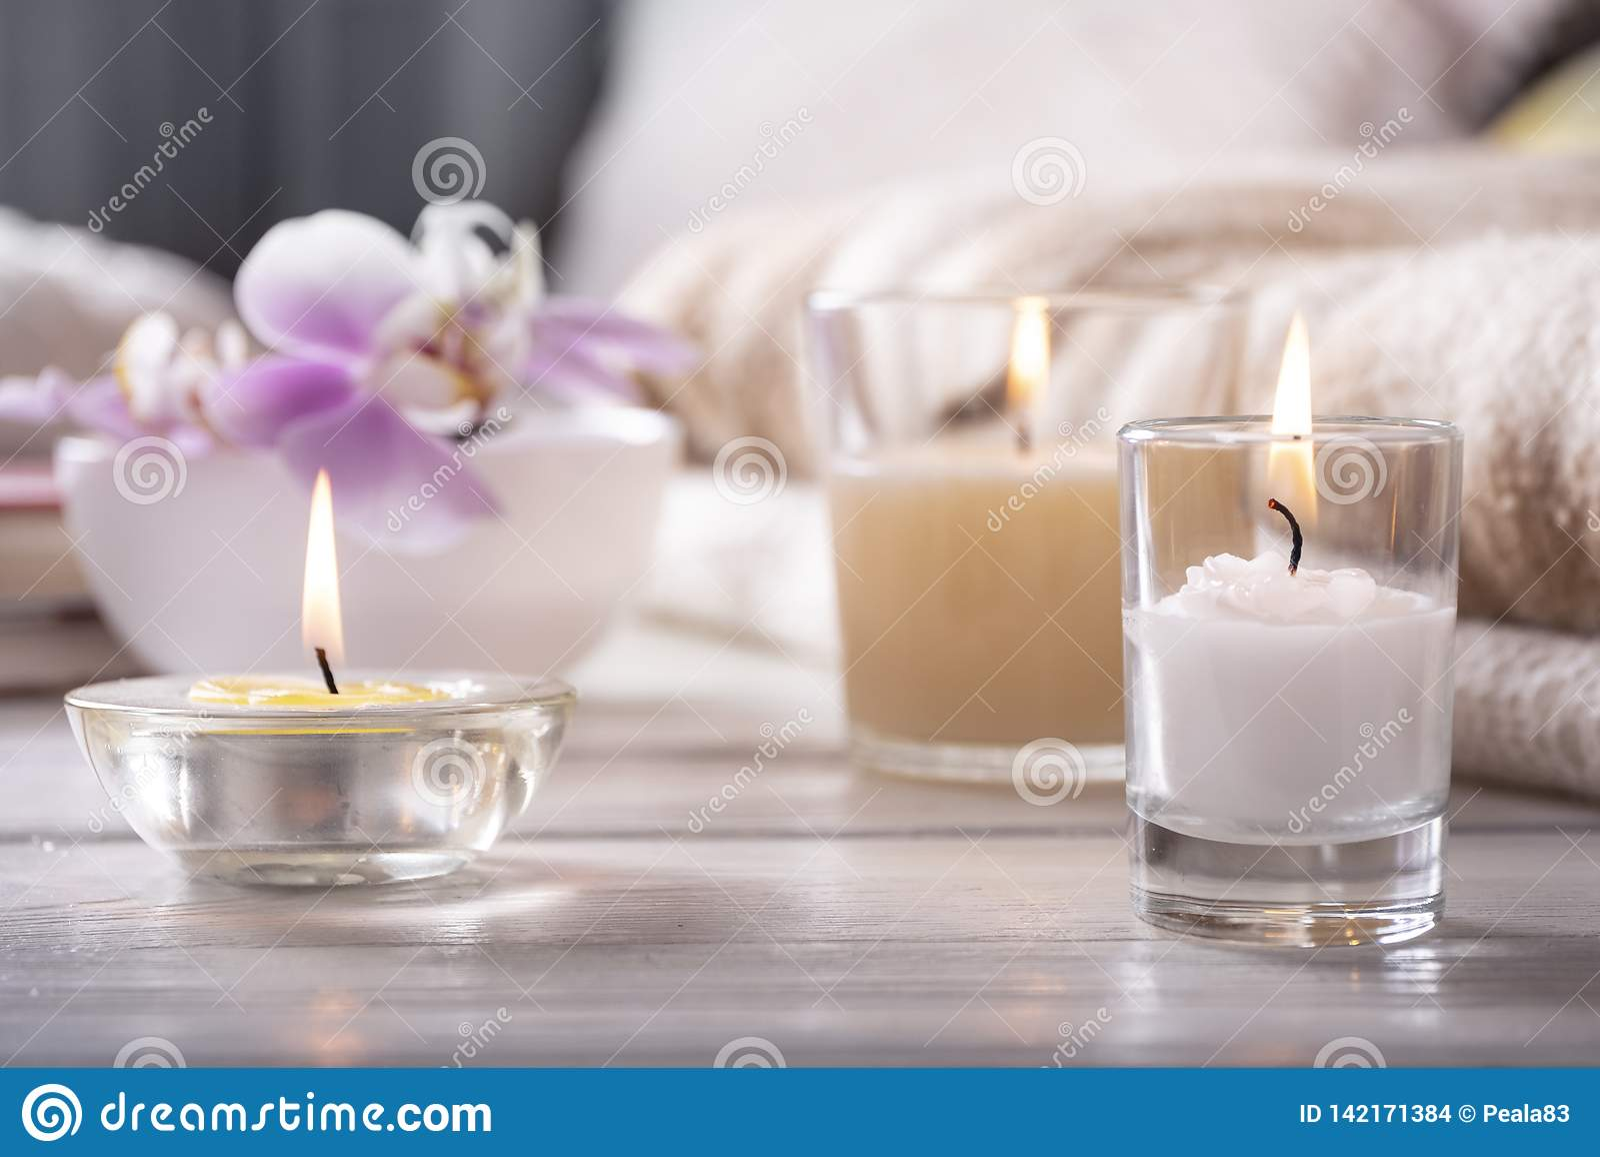 Het binnenland van het huis Stilleven met detailes De bloem is vaas, schouwt, op witte houten lijst, het concept behaaglijkheid